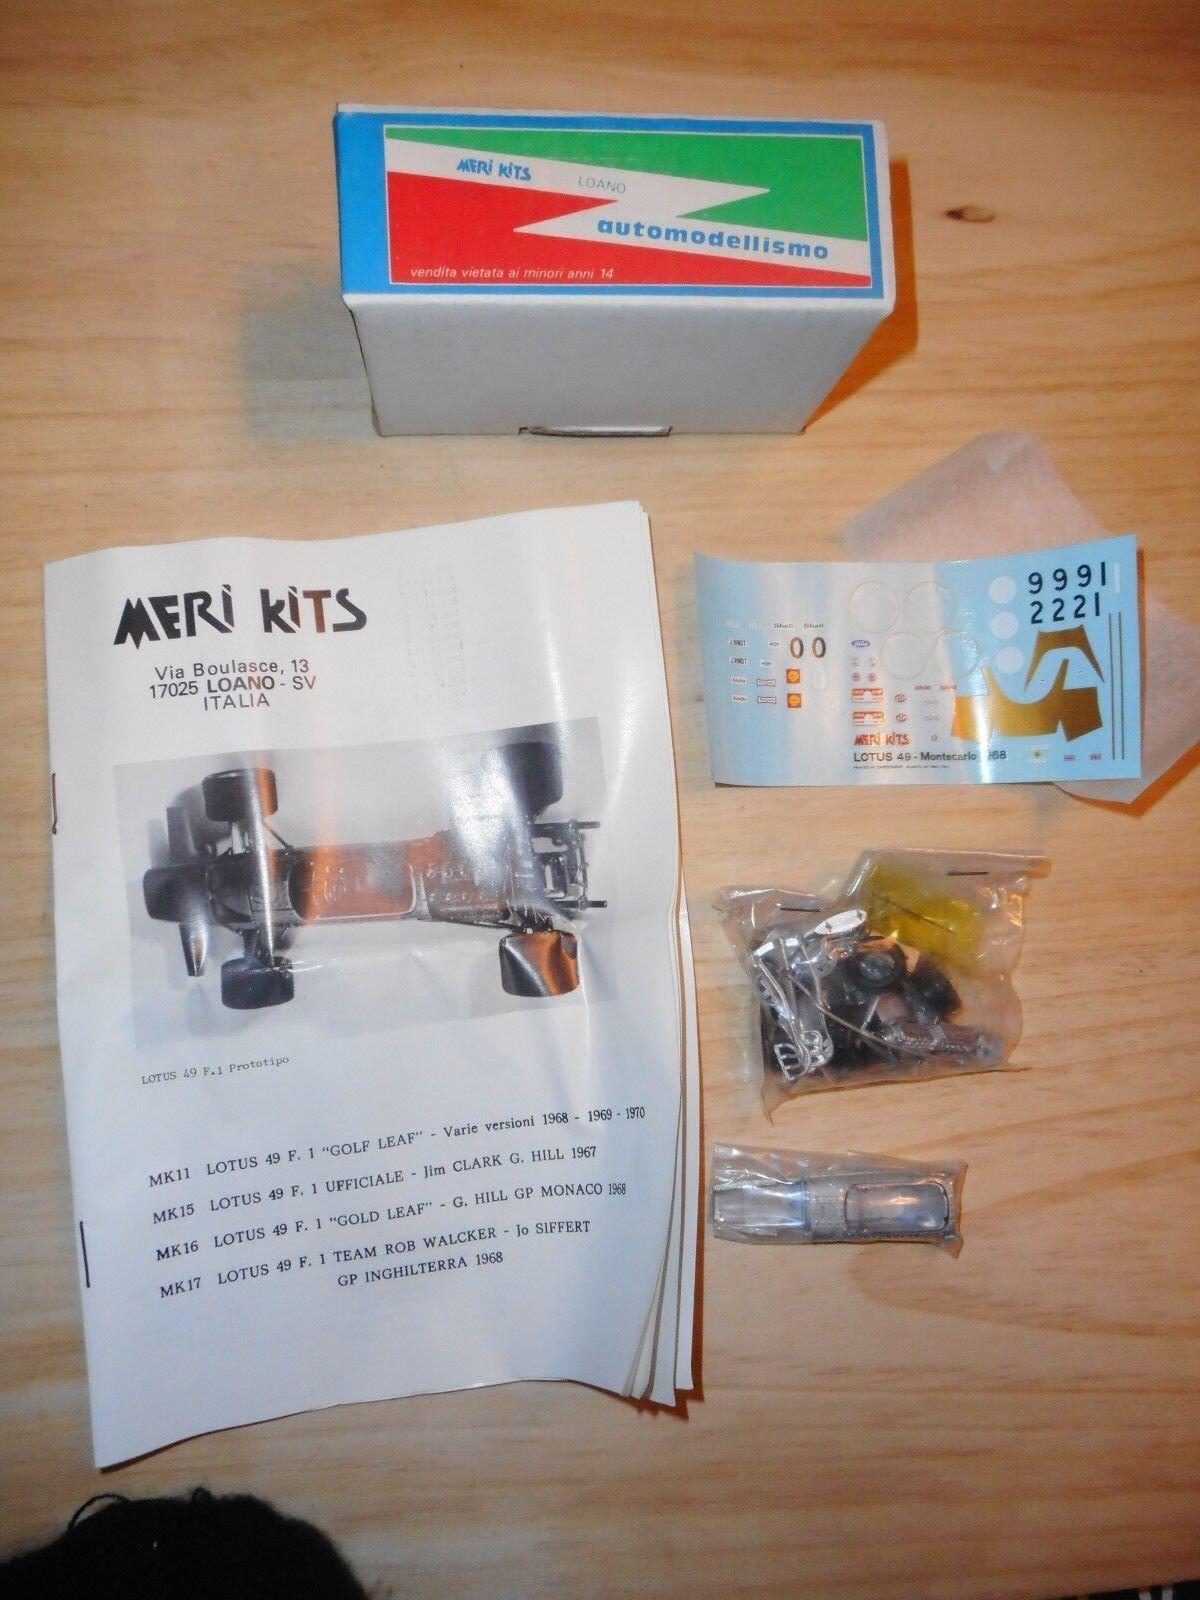 MERI KITS kit vintage 1 43 LOTUS 49 F.1 or LEAF 1968 1969 1970 MONACO ETC ...